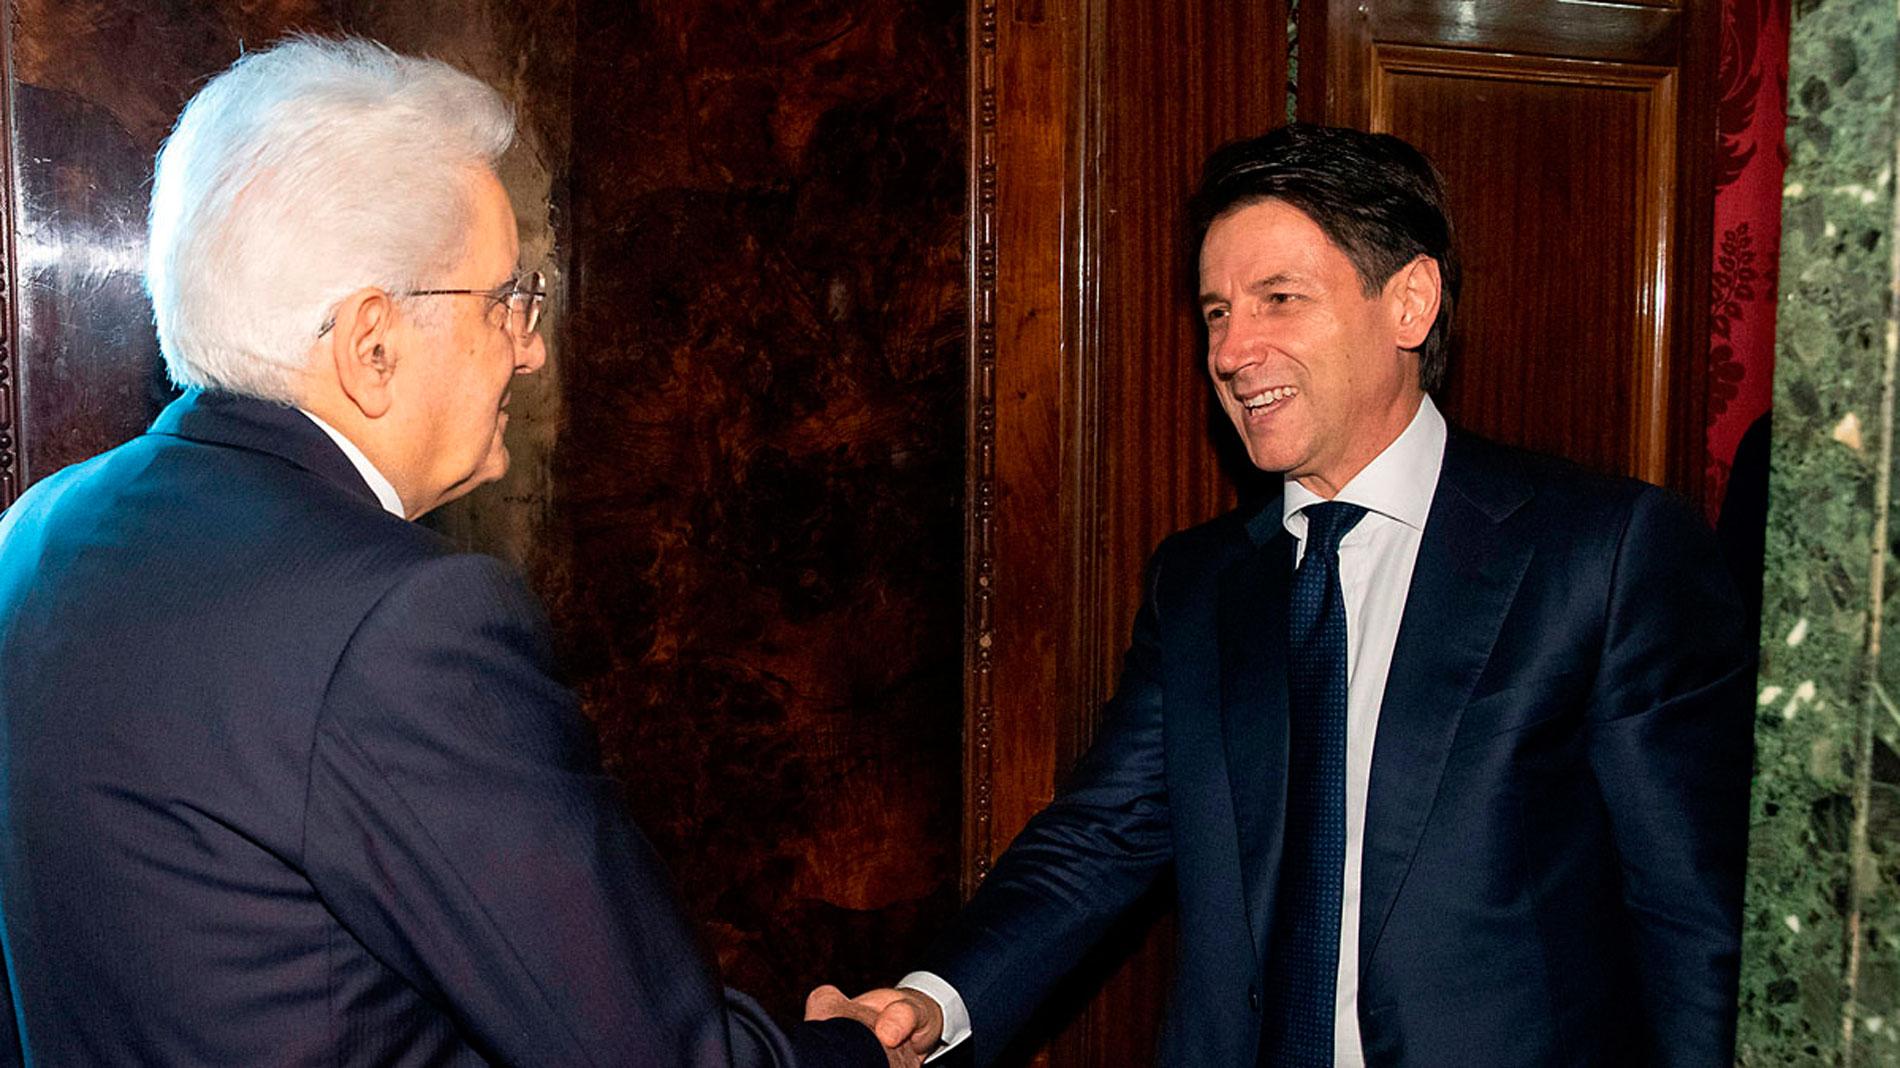 El jurista Guiseppe Conte renuncia a formar gobierno en Italia